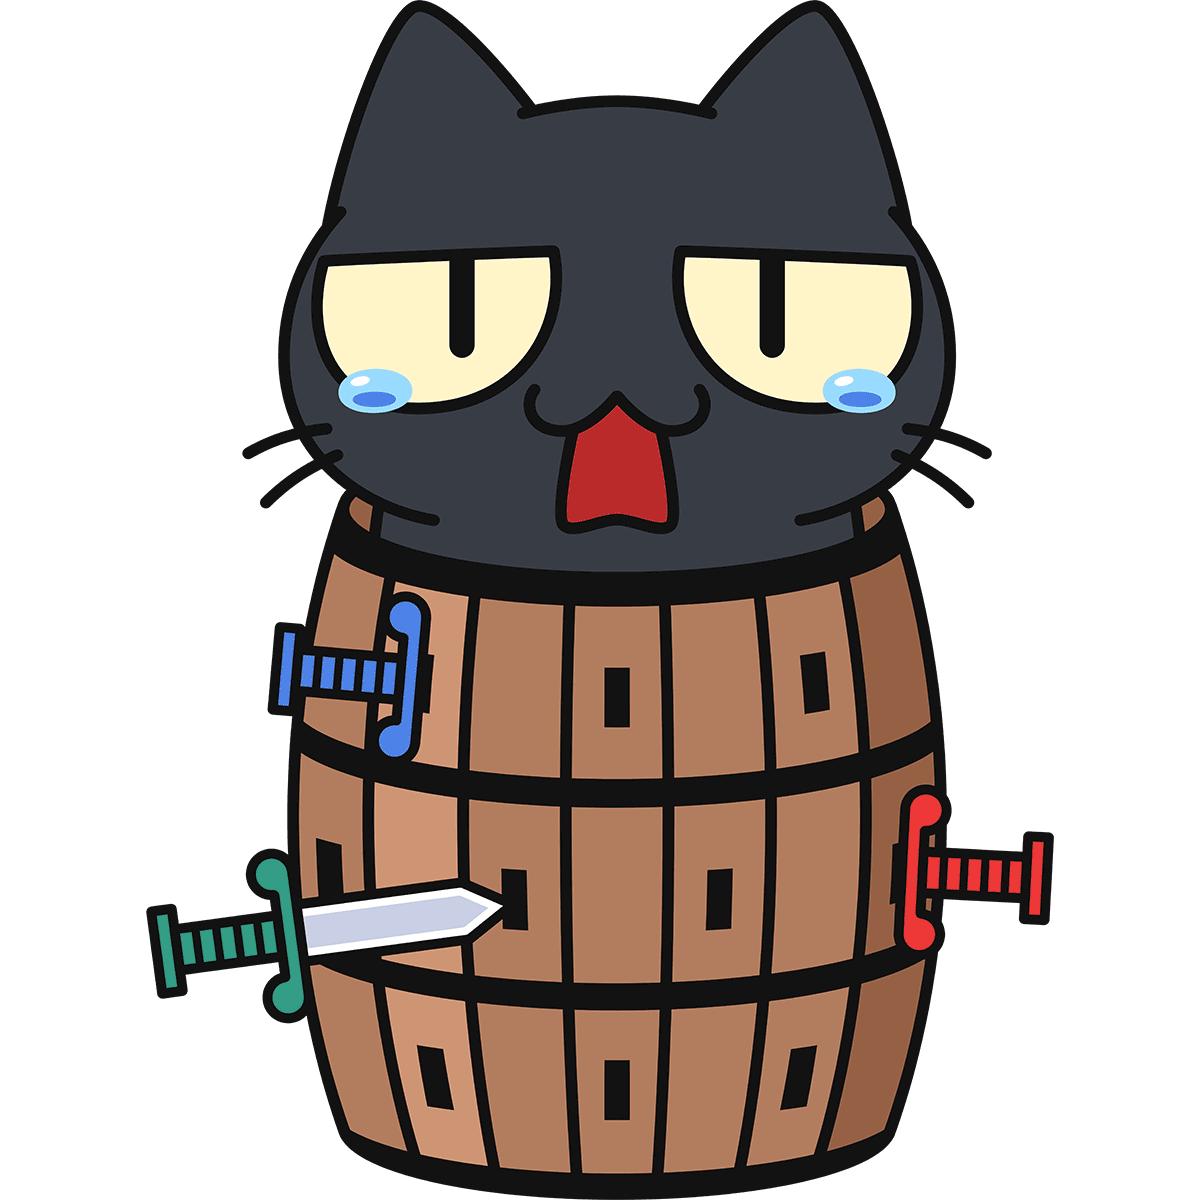 黒猫危機一発の無料イラスト